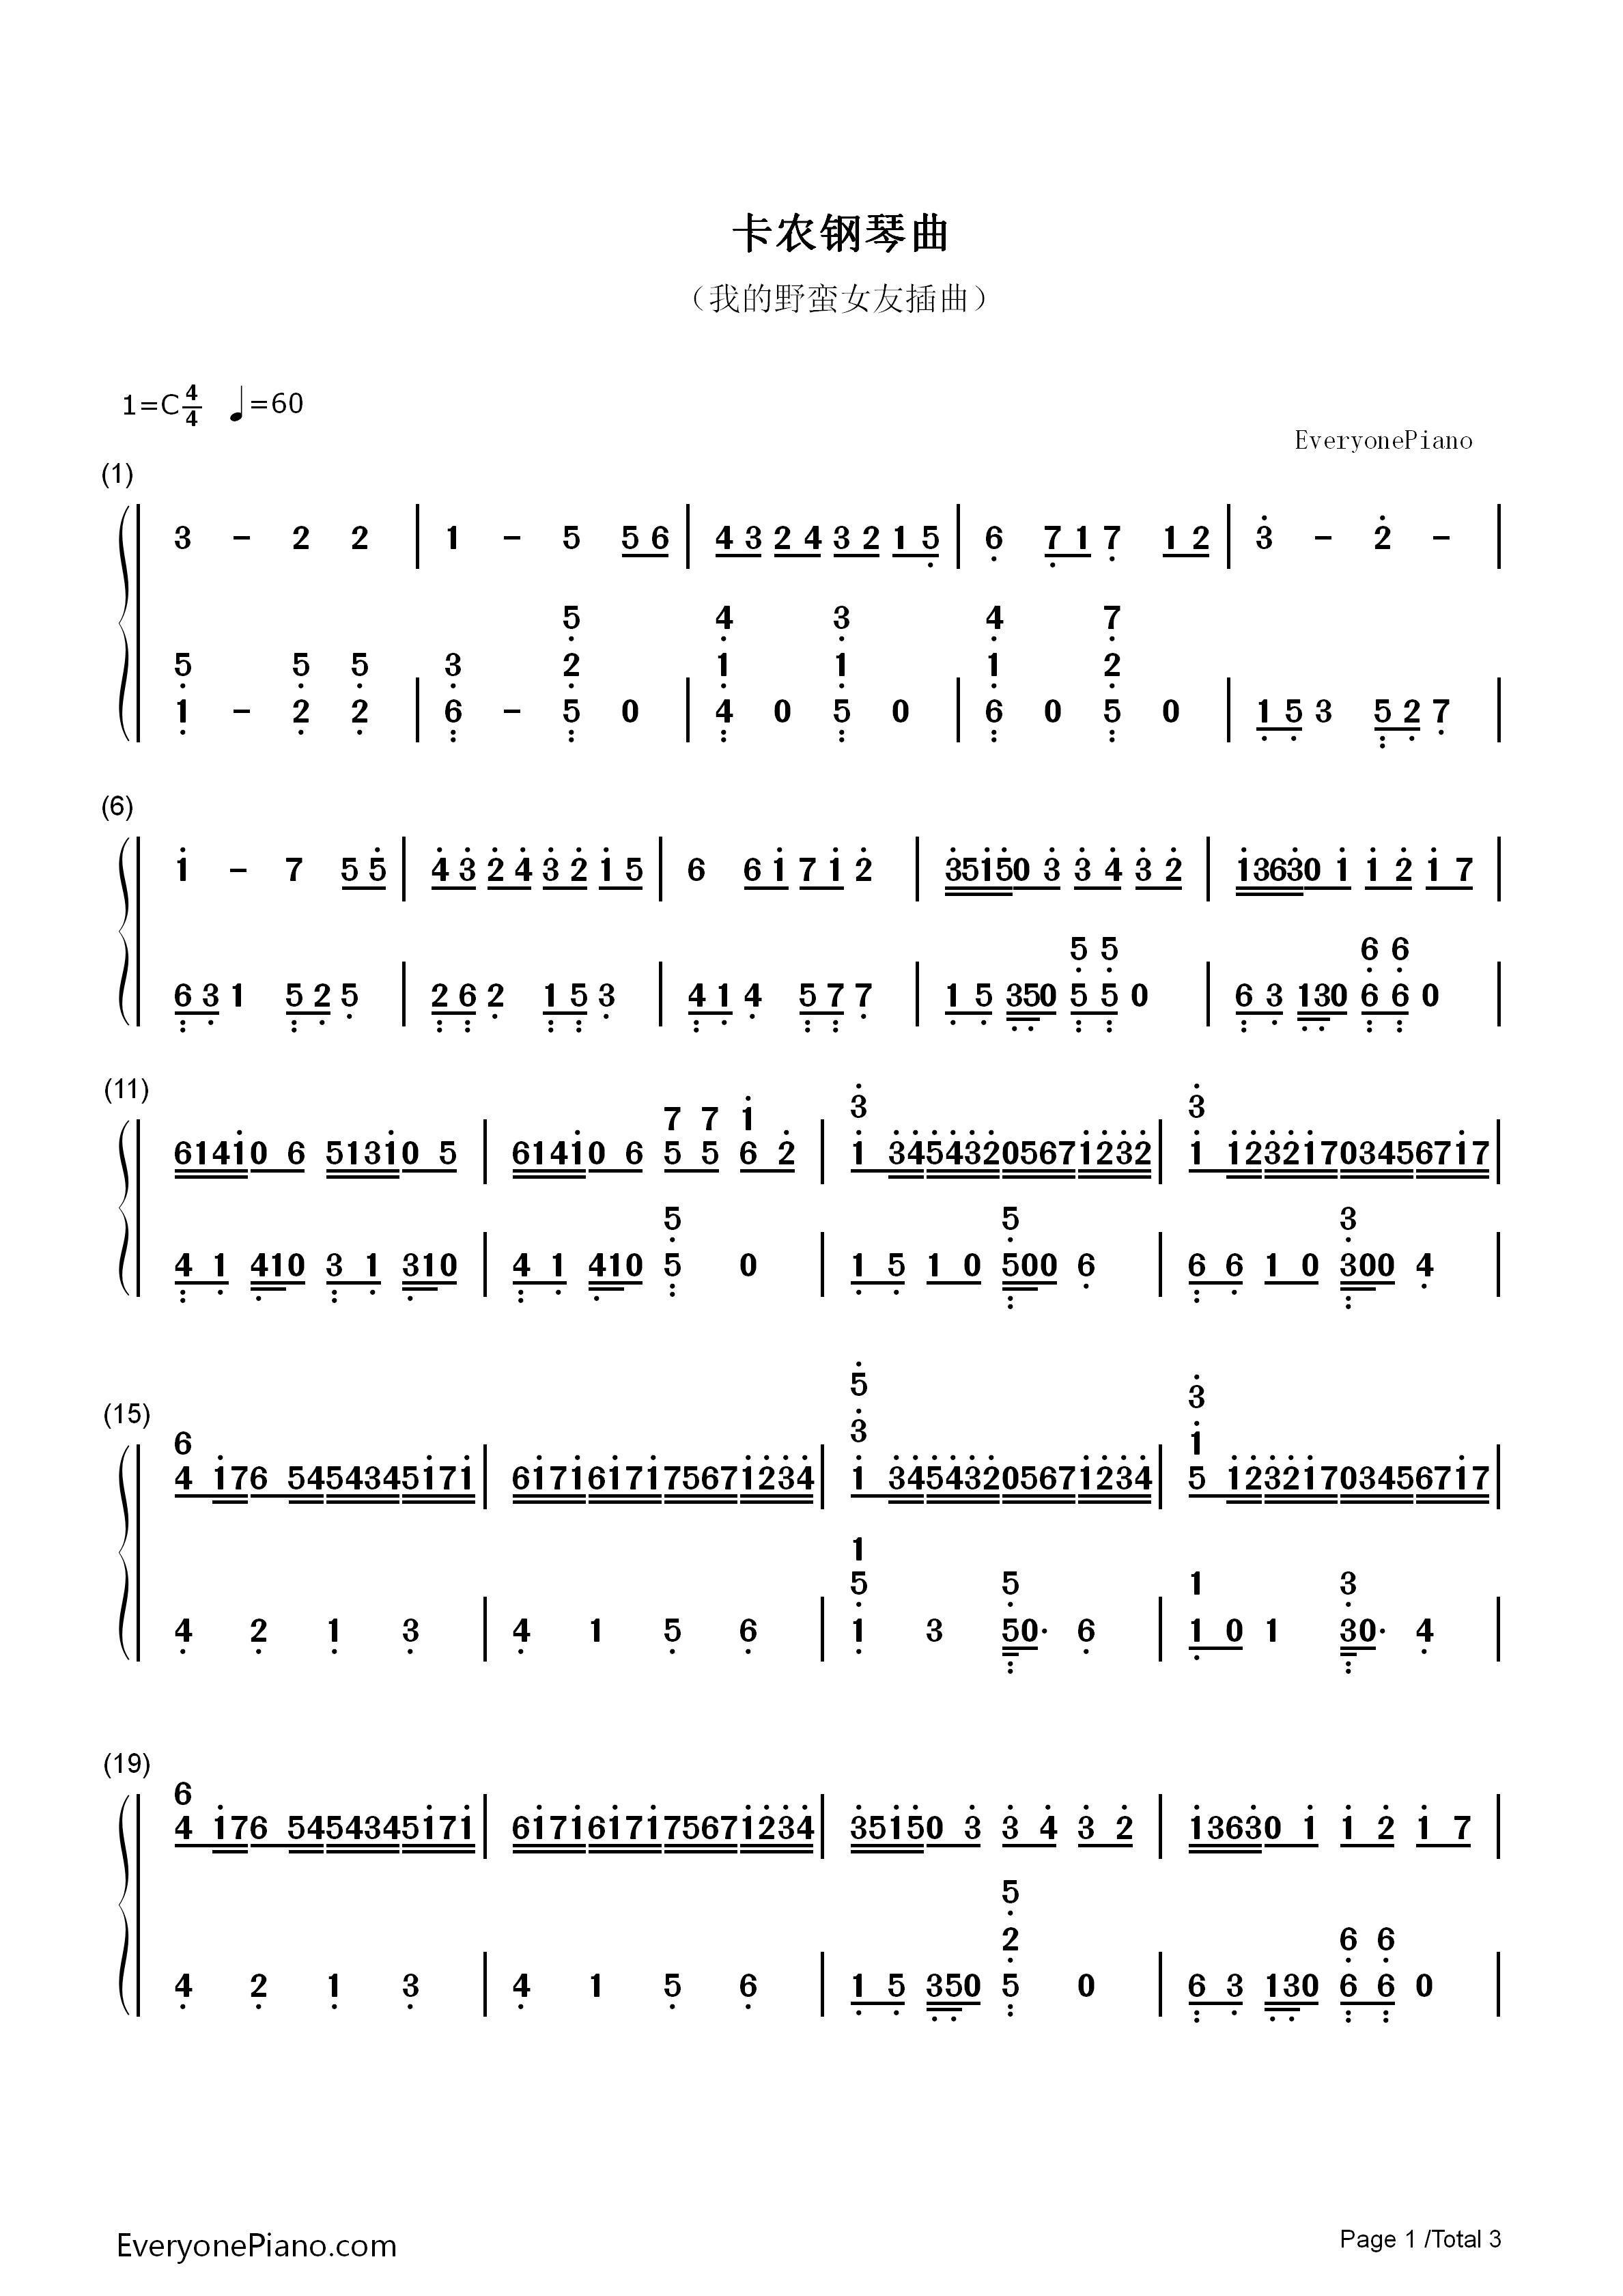 卡农-变奏版-我的野蛮女友插曲双手简谱预览